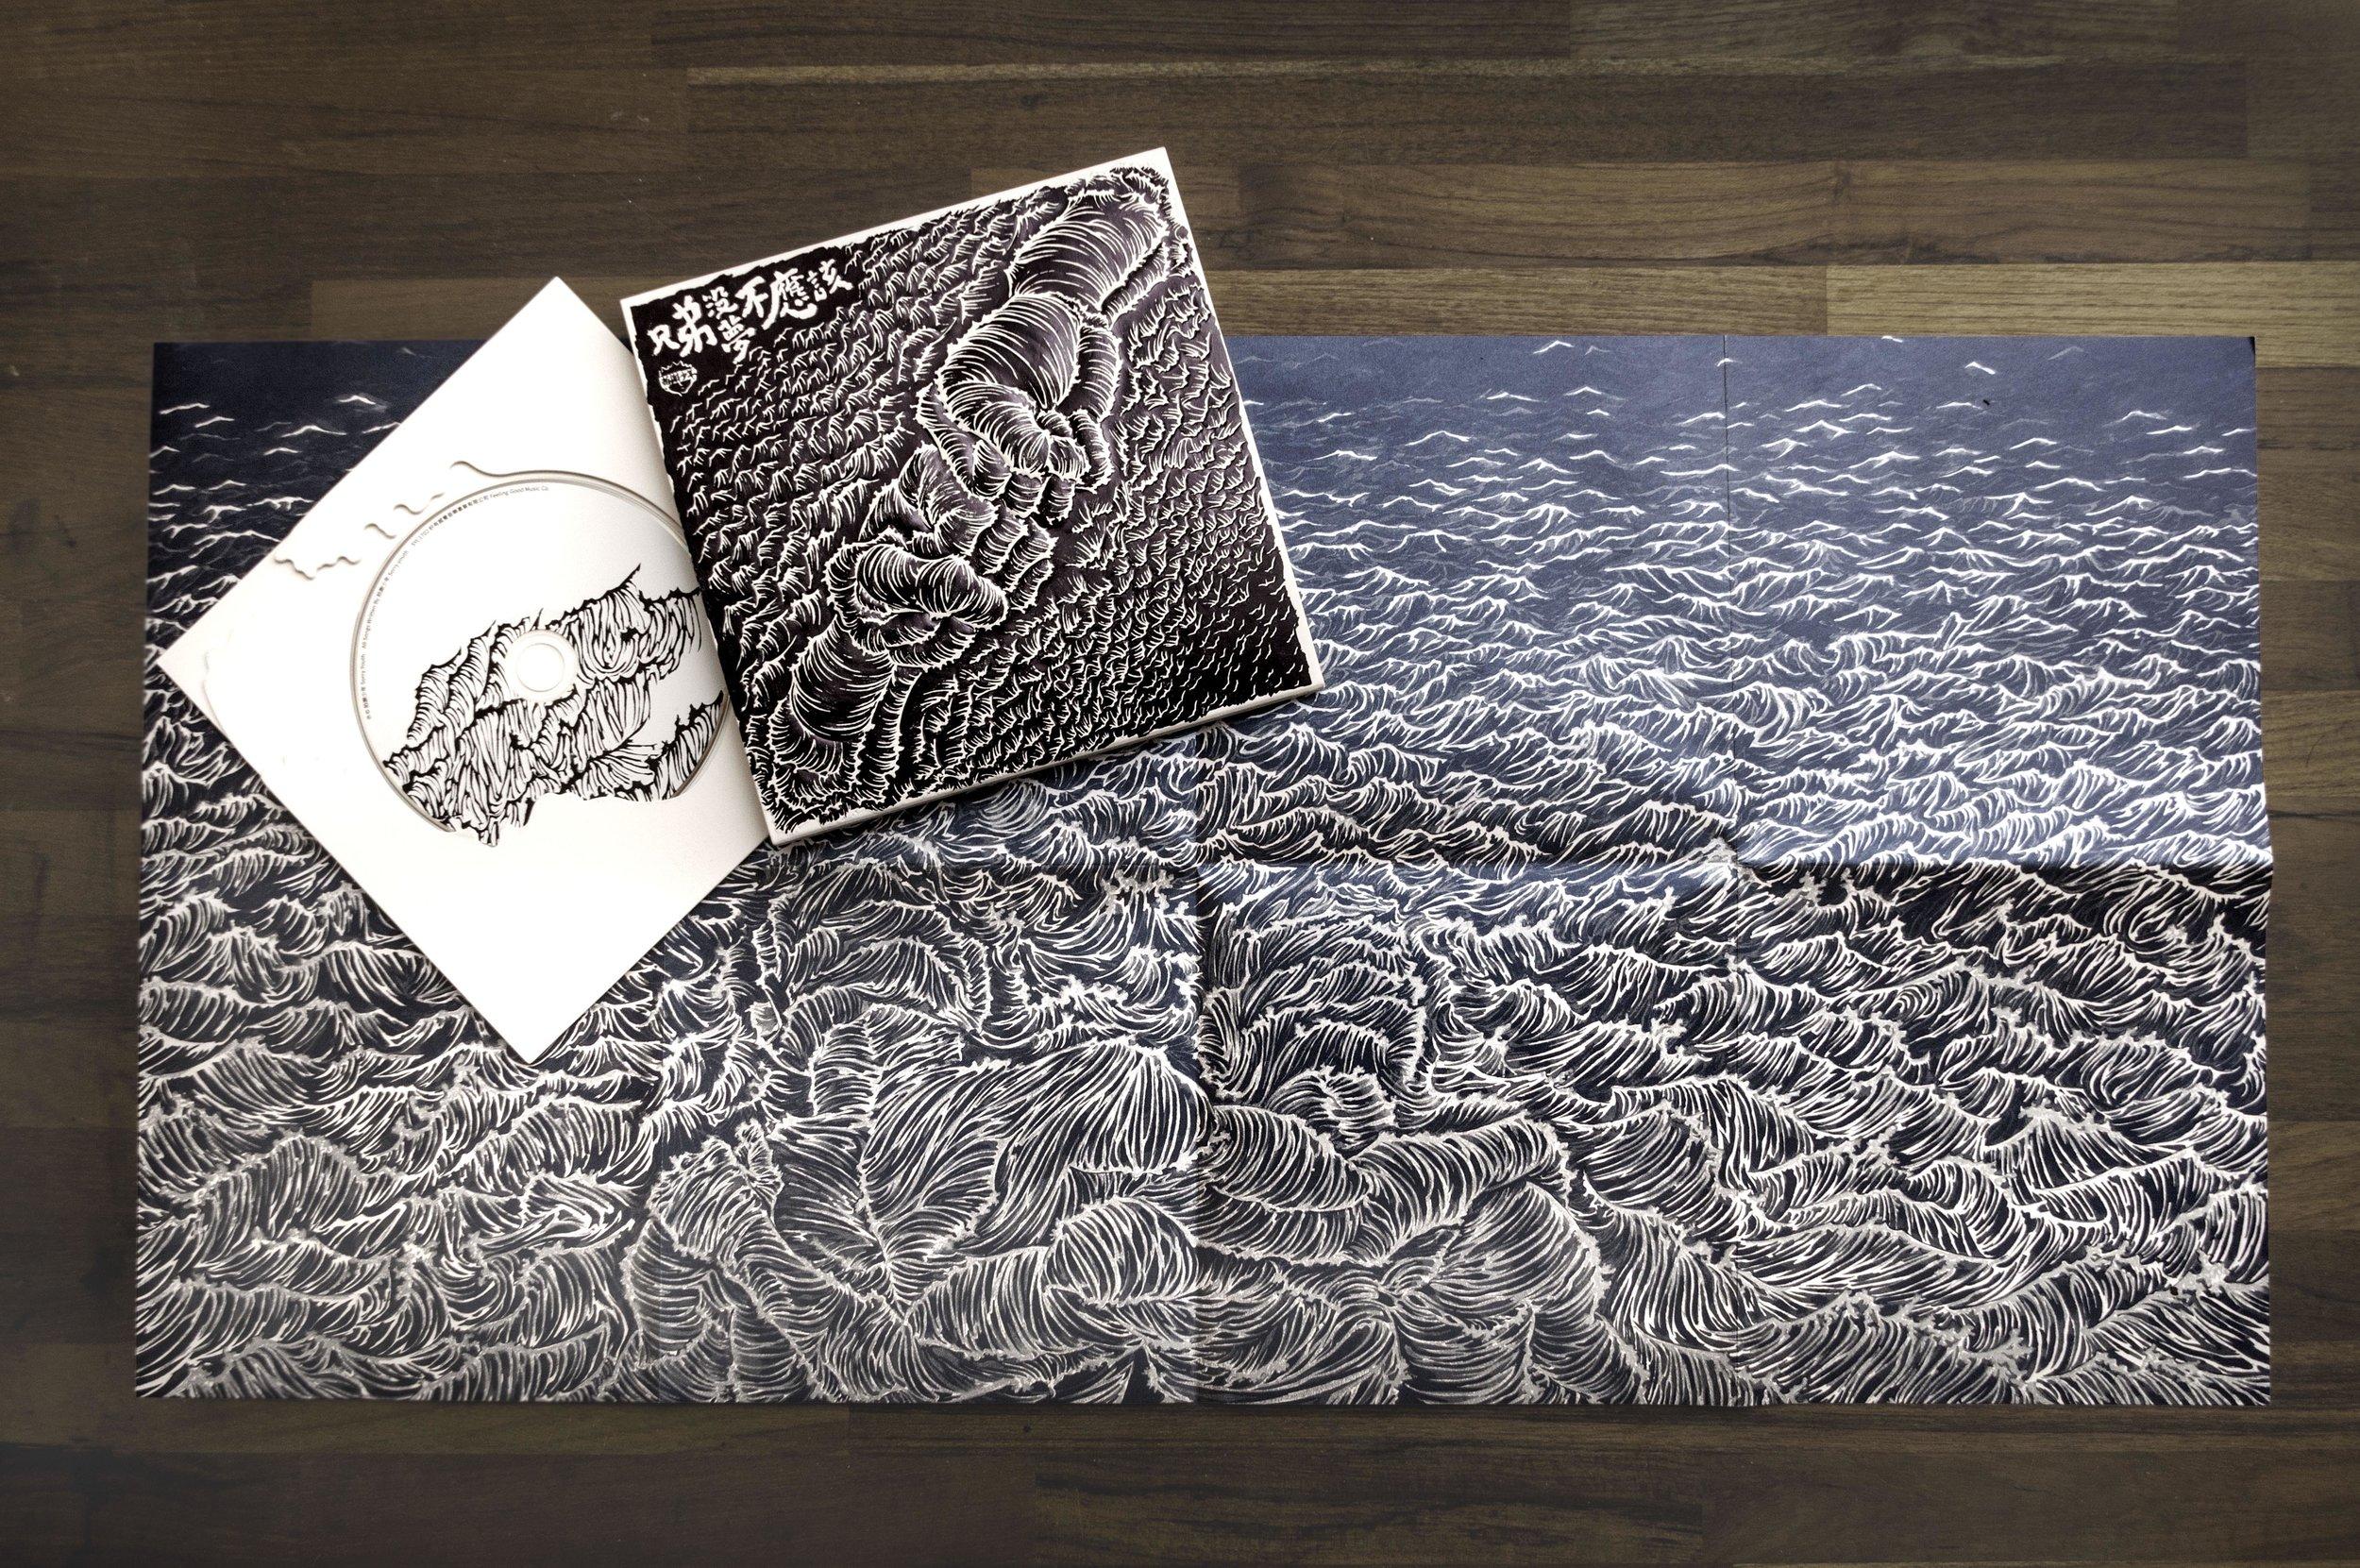 2018拍谢少年《兄弟没梦不应该》专辑。封面字体和击拳画面粗犷有力,整片海浪雕刻其实还有很哲学性的隐喻——海浪看久了,就成人生!